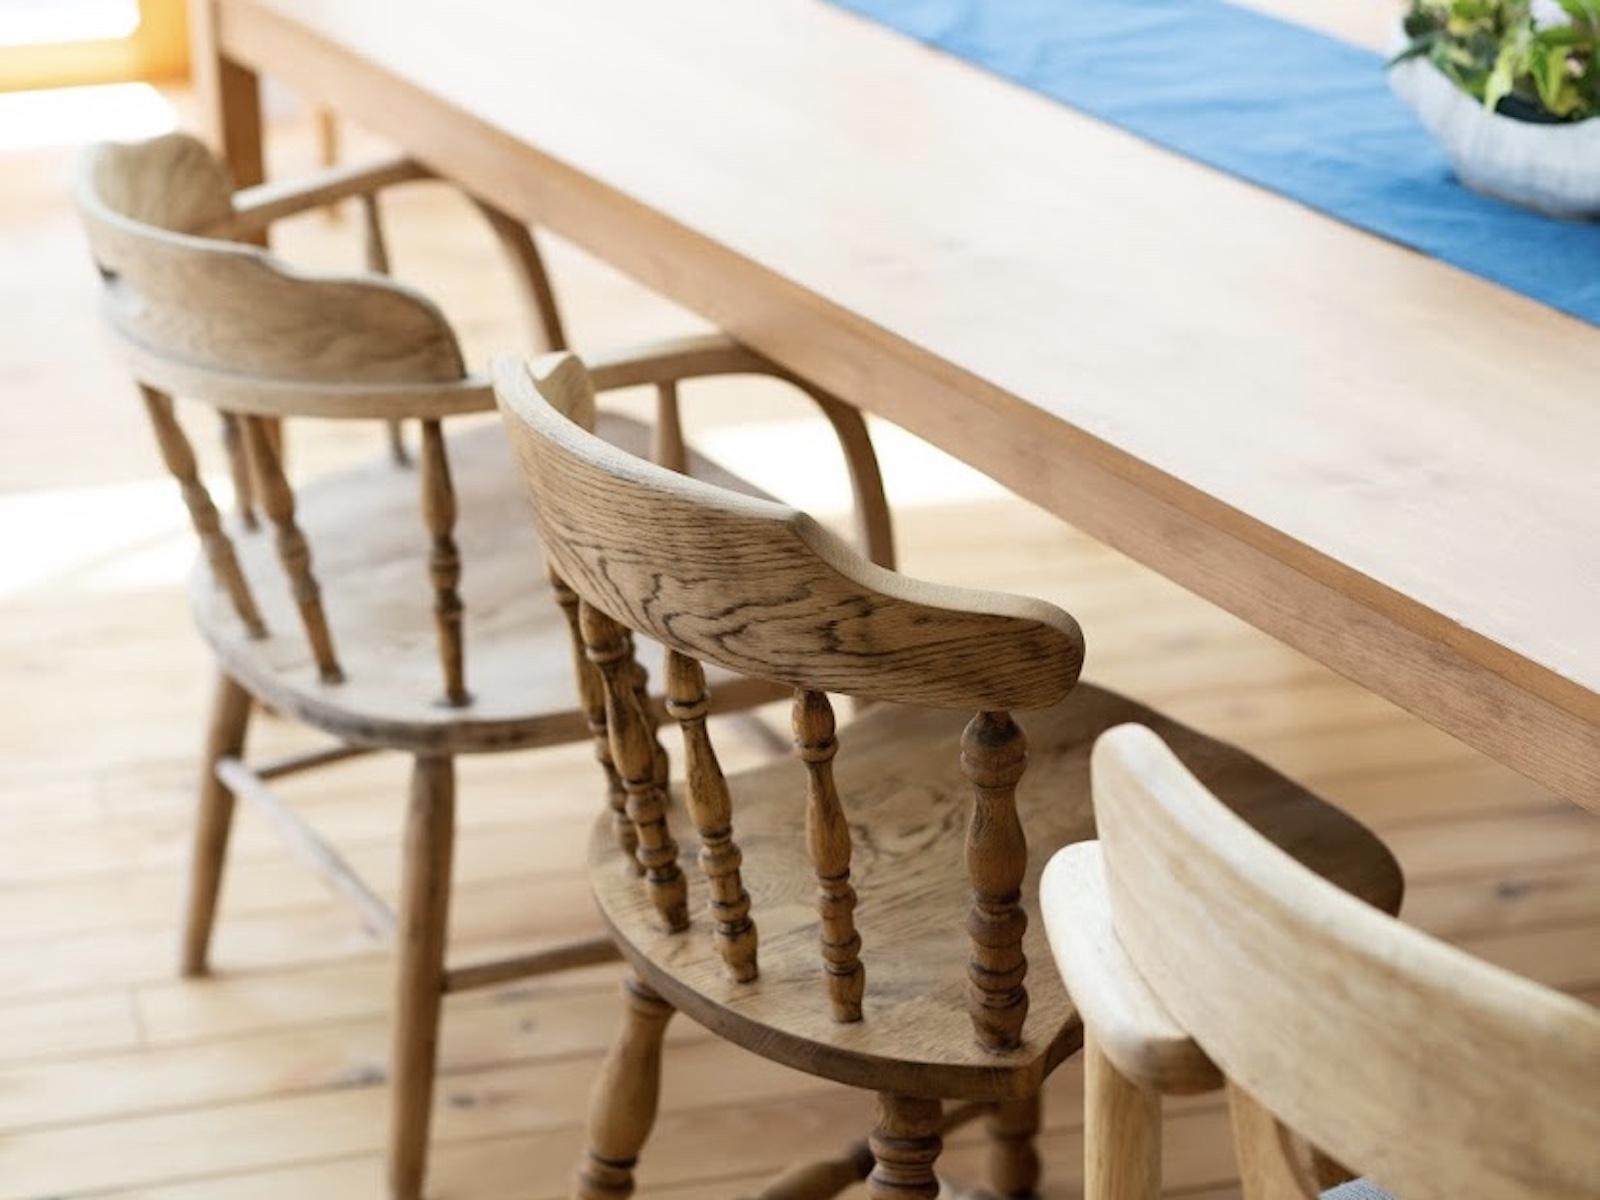 アップサイクルによってよみがえった、常連さんたちの大切な家具